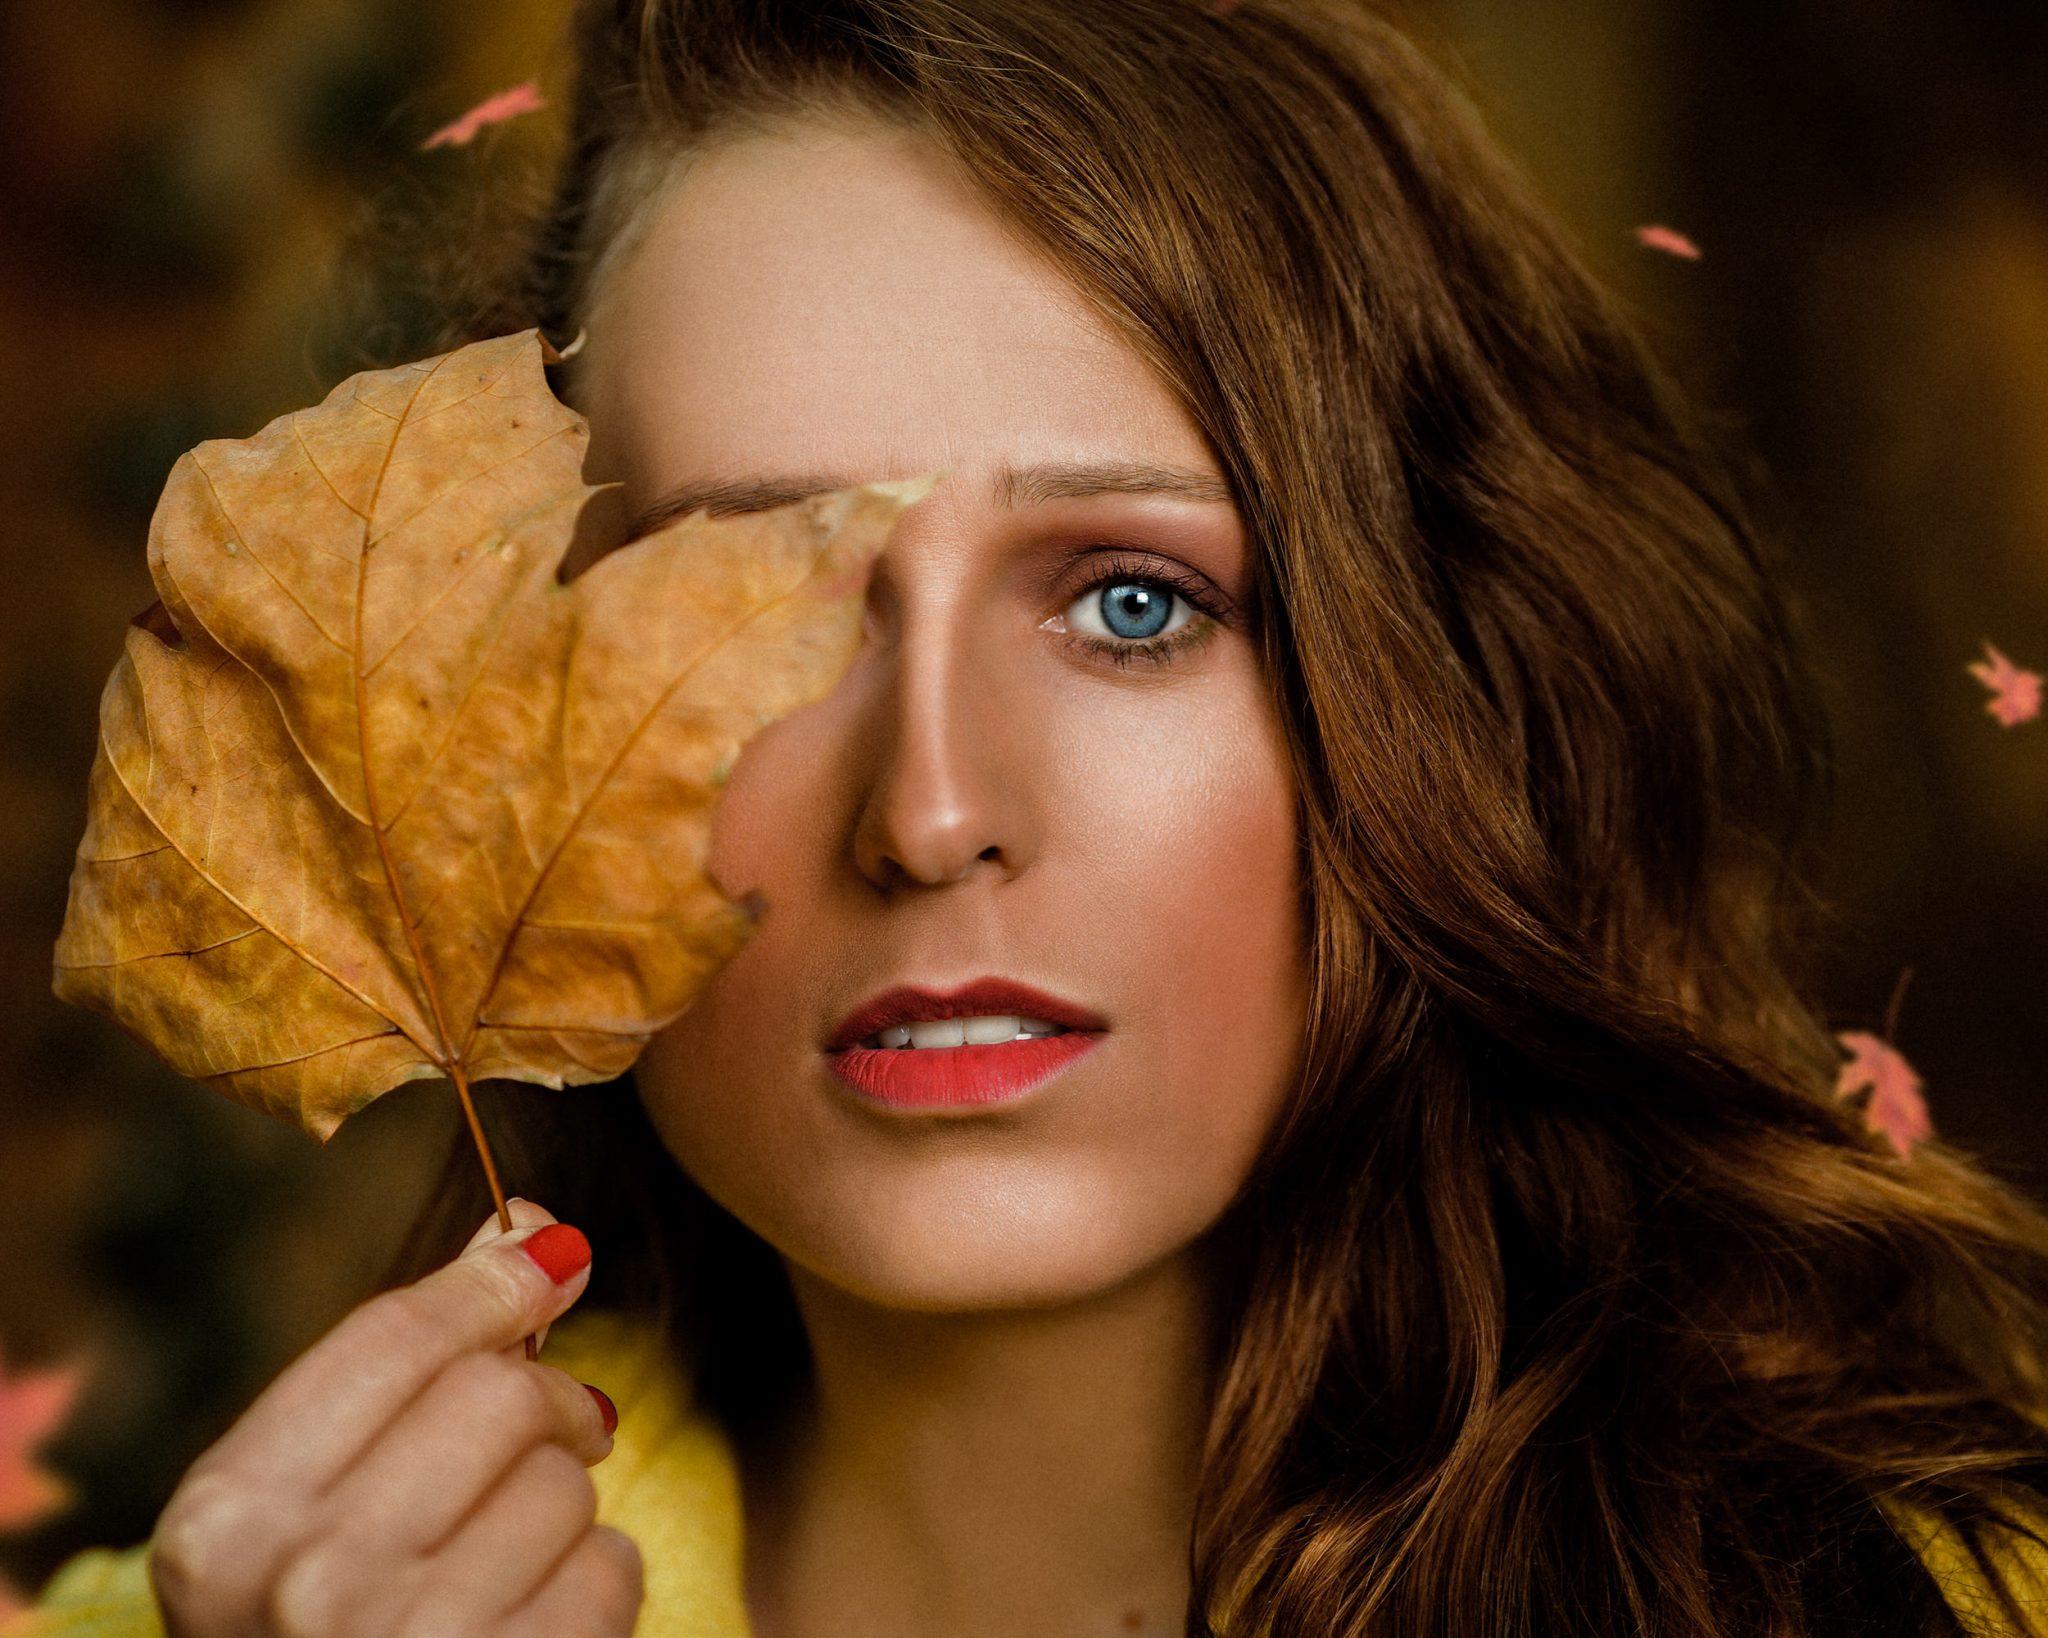 Le 10 10 2020 Séance automne avec Hédia  Lieu: Pavillon de Chasse du Roi René à Gardanne  PHOTOGRAPHE     | Christian Jaegy @digitregards MUSE                  | Hédia Roz   @hedia_roz